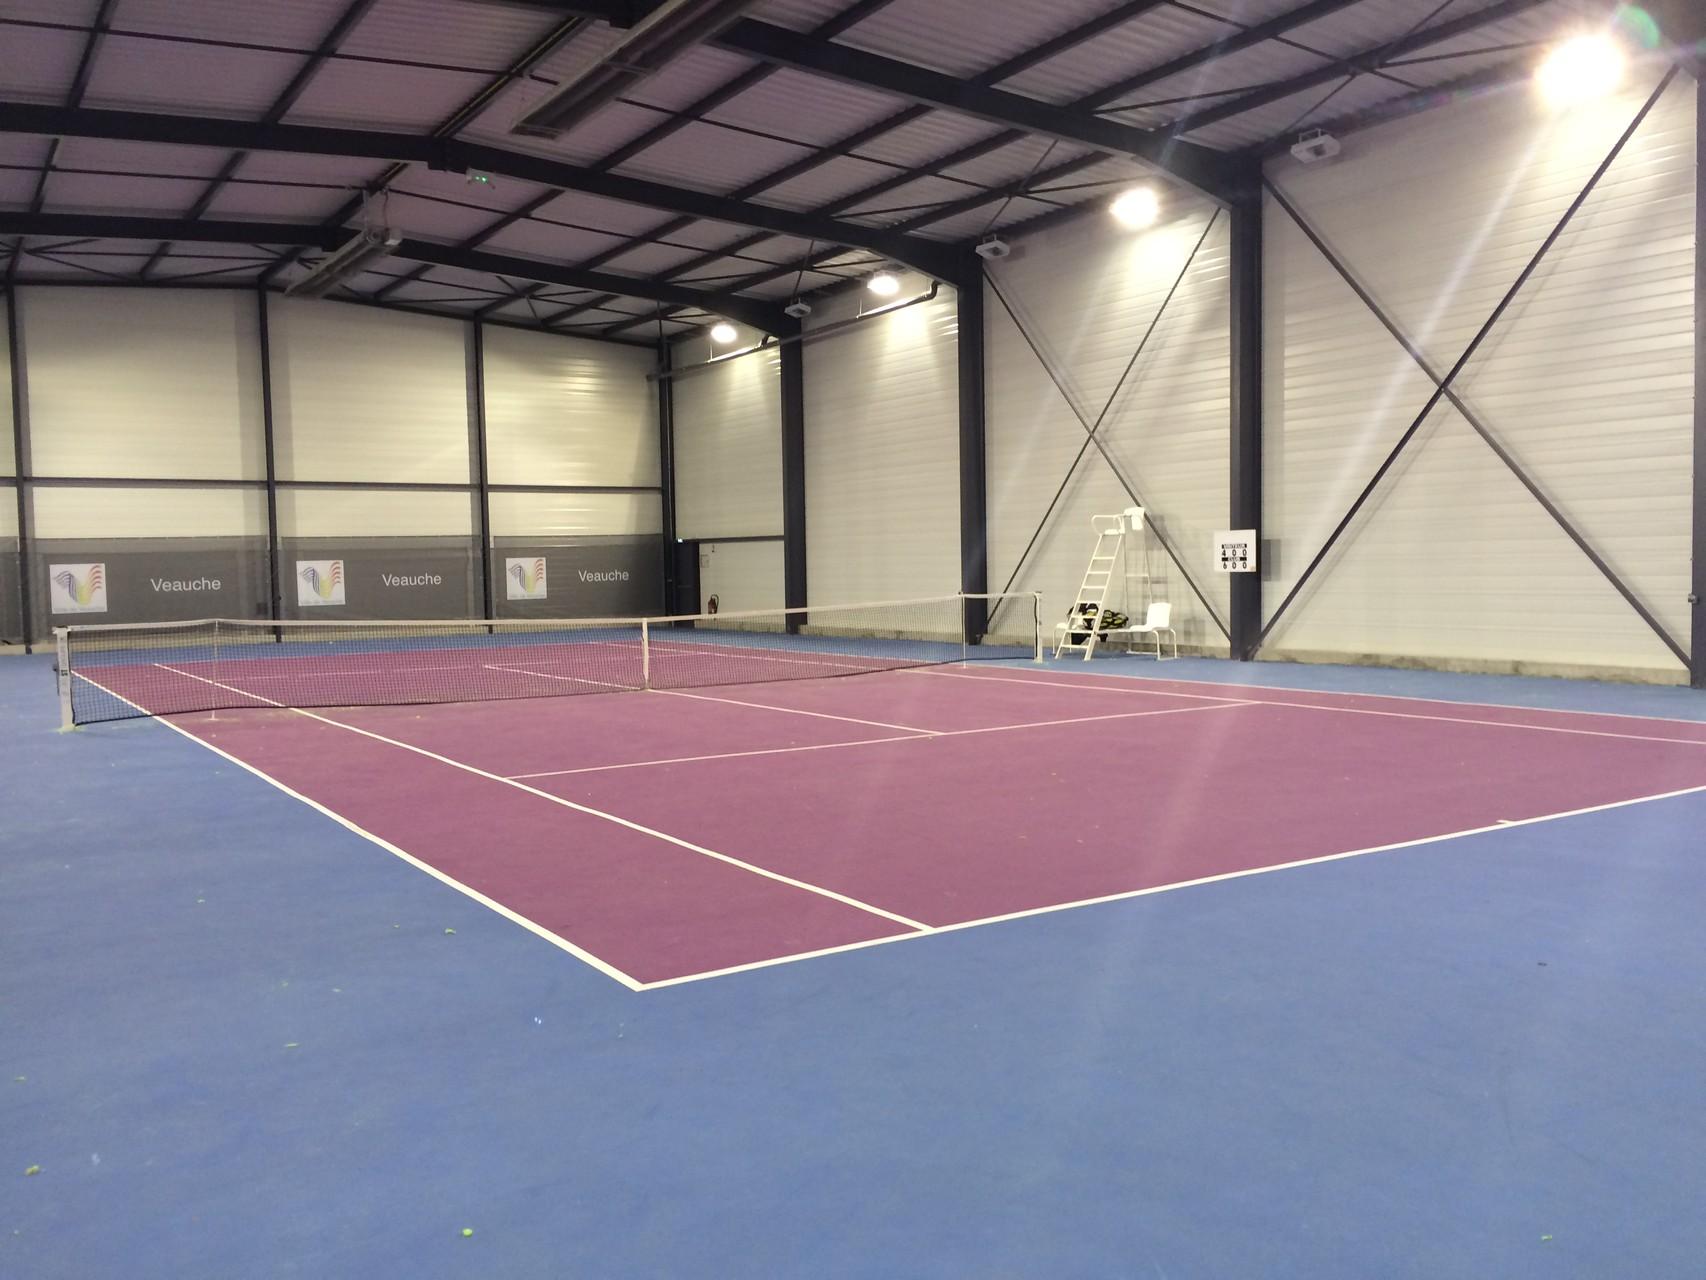 Les courts site du tennis club de veauche for Club de tennis interieur saguenay